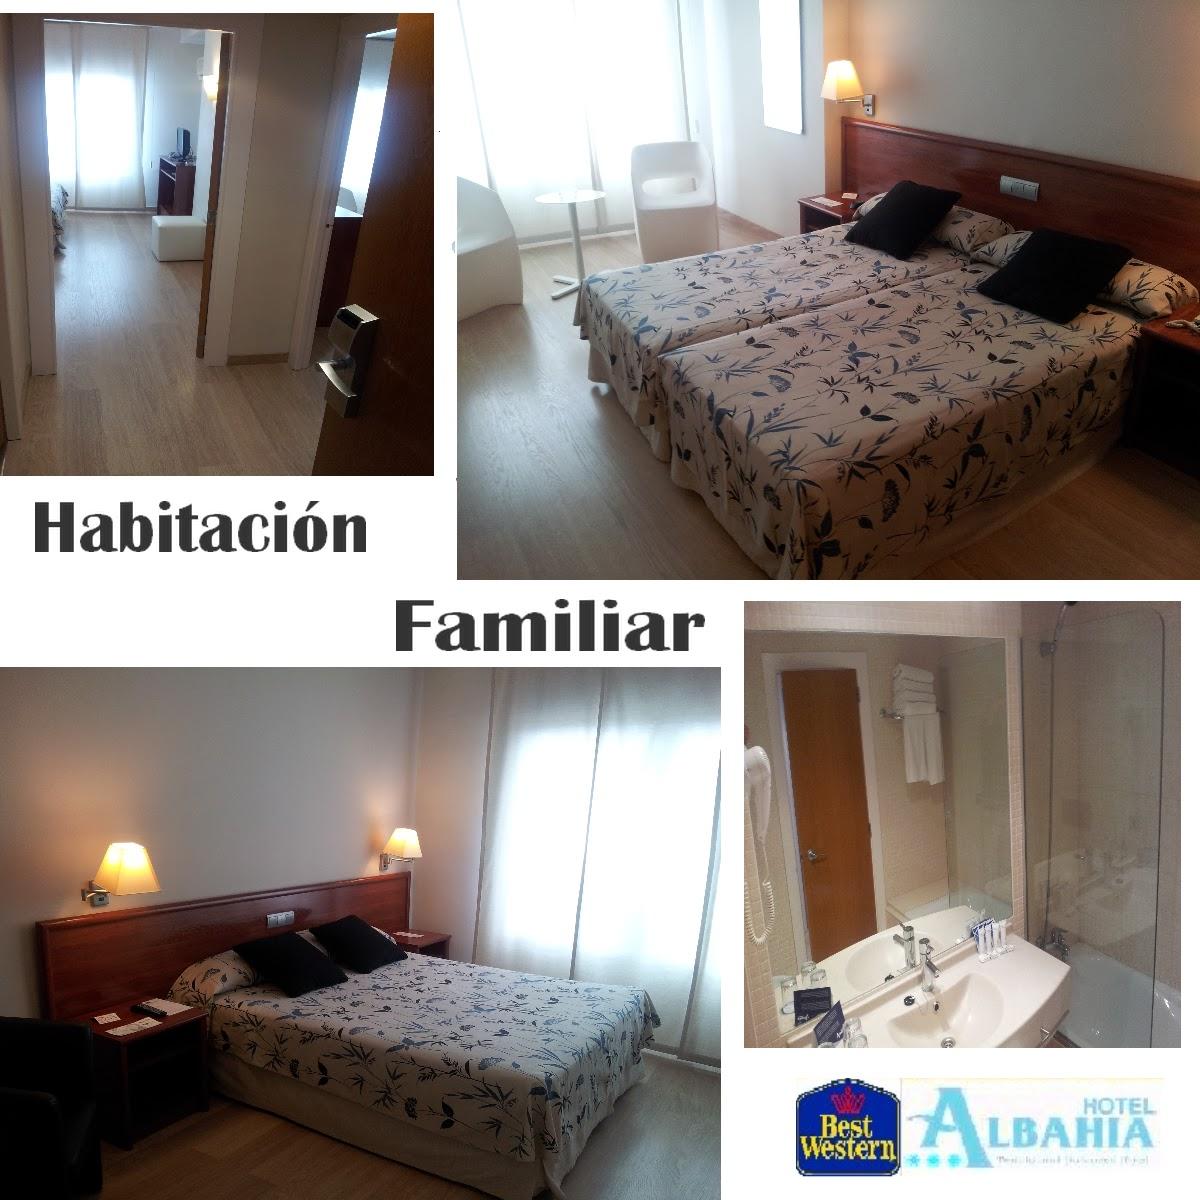 Best western hotel albahia alicante habitaci n familiar for Tryp habitacion familiar